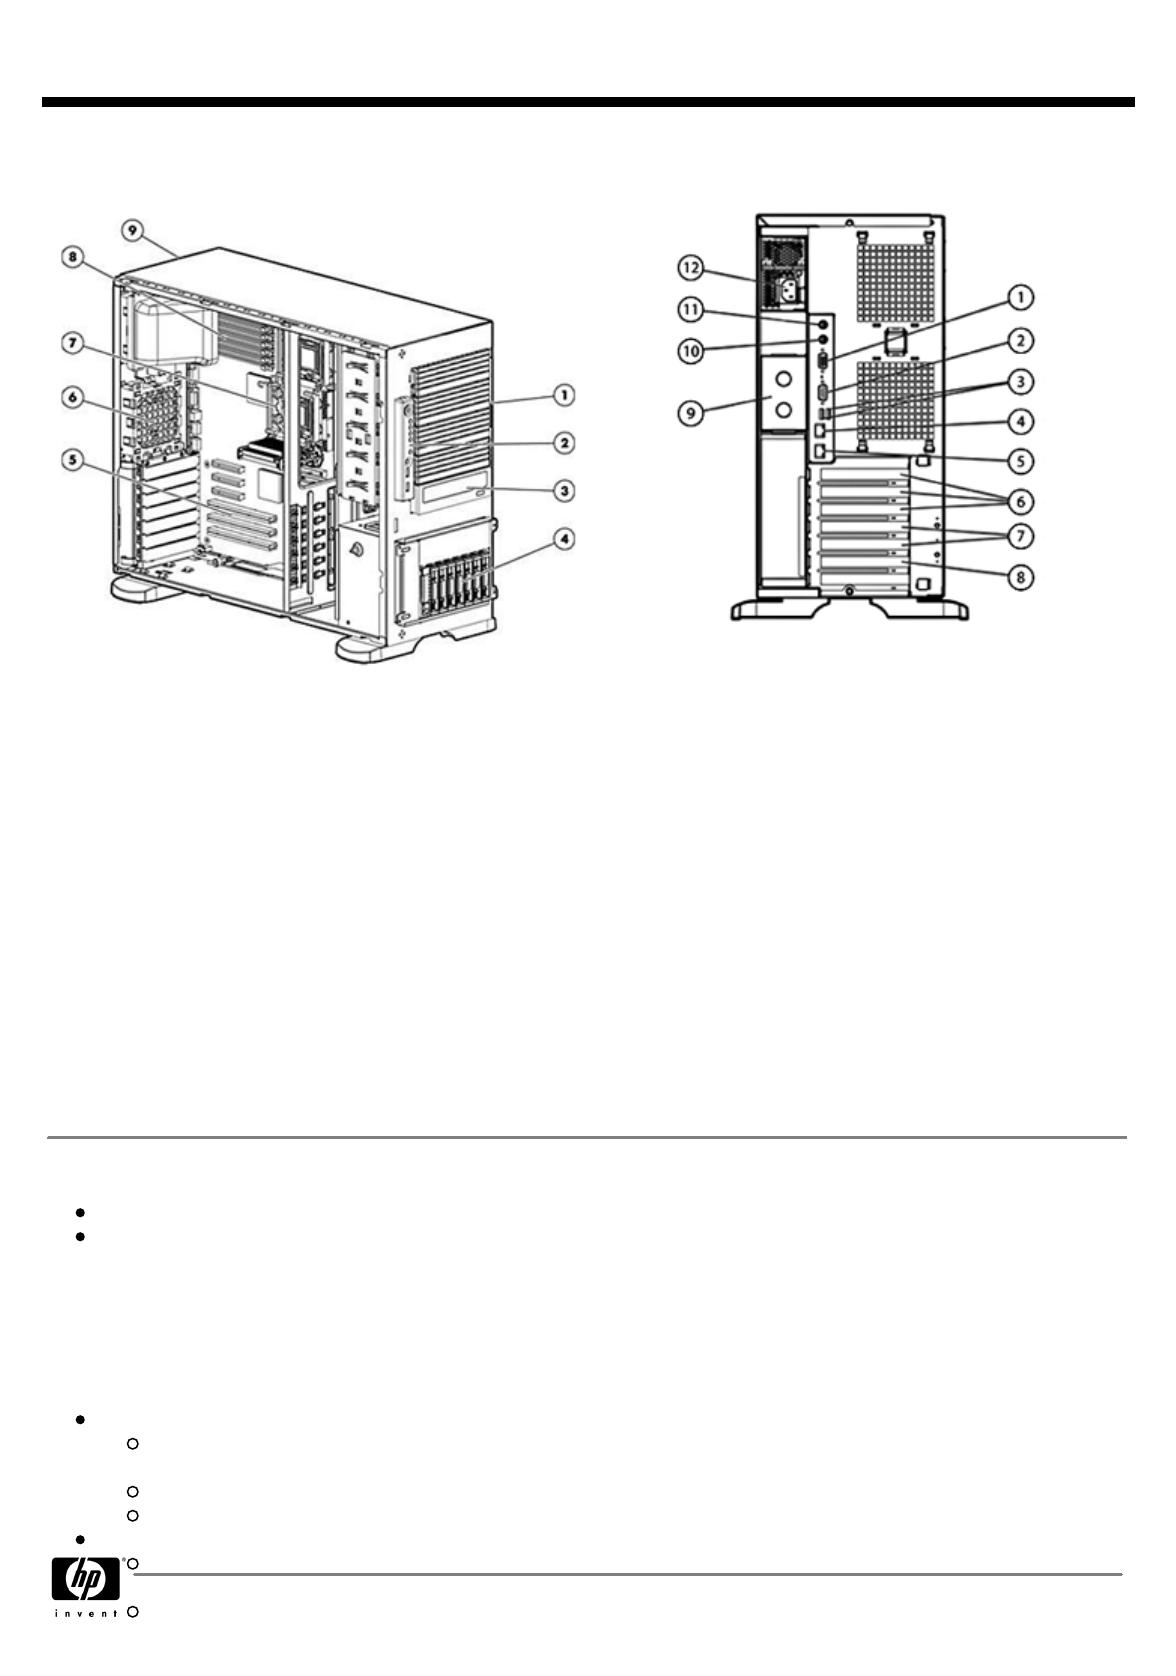 HP (Hewlett-Packard) Computer Hardware ML350 User Guide